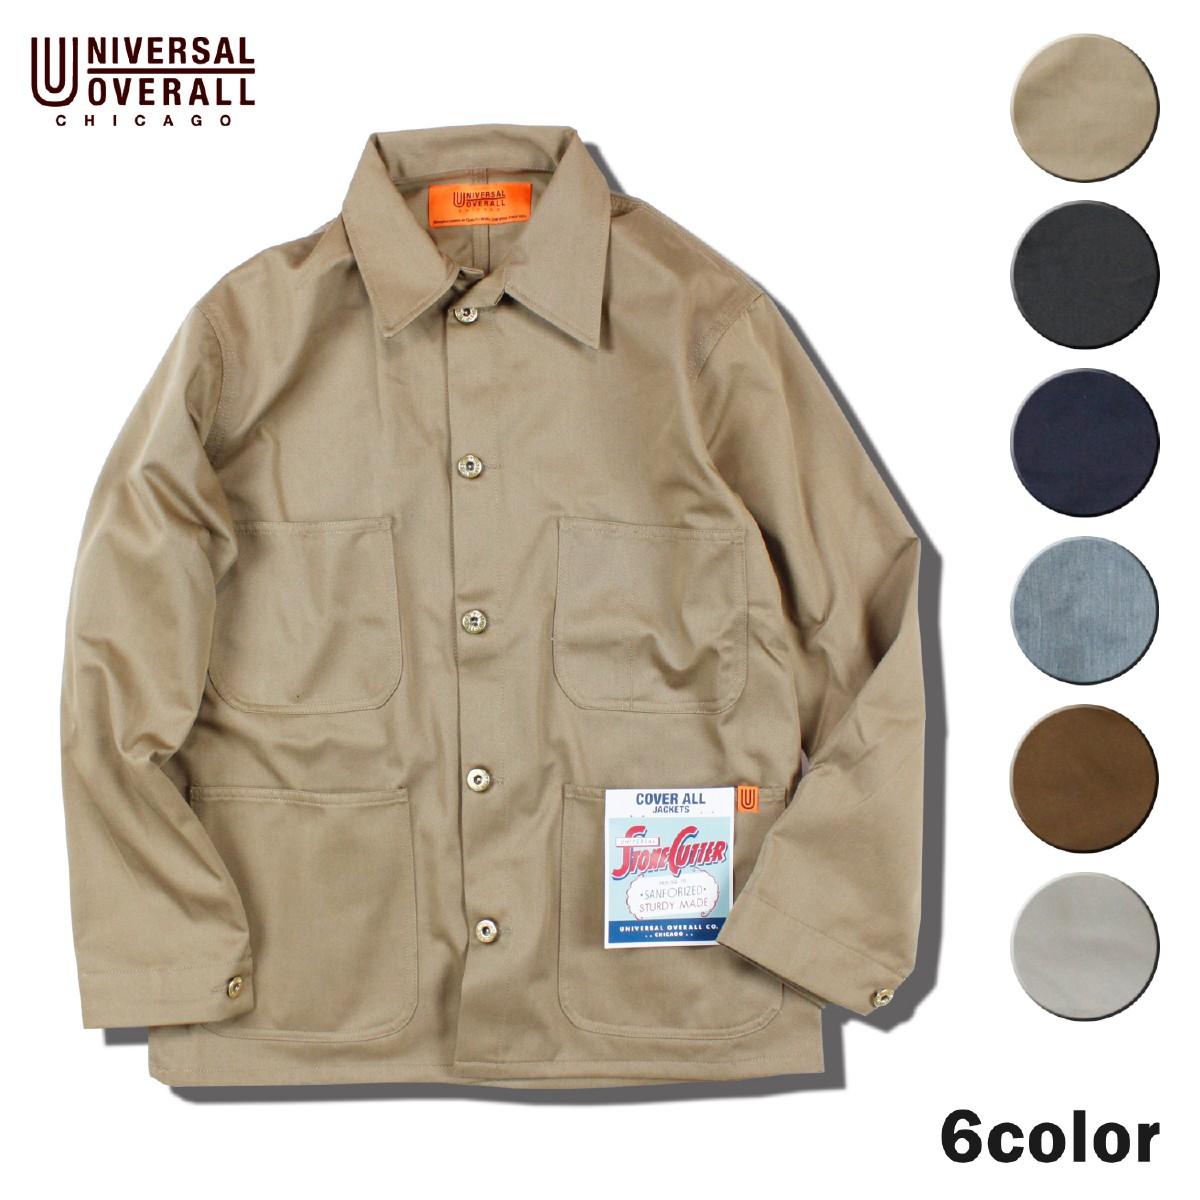 ユニバーサルオーバーオール カバーオールジャケット メンズ/レディース ベージュ/ブラック/ネイビー/グレー/ブラウン/アイボリー S-L